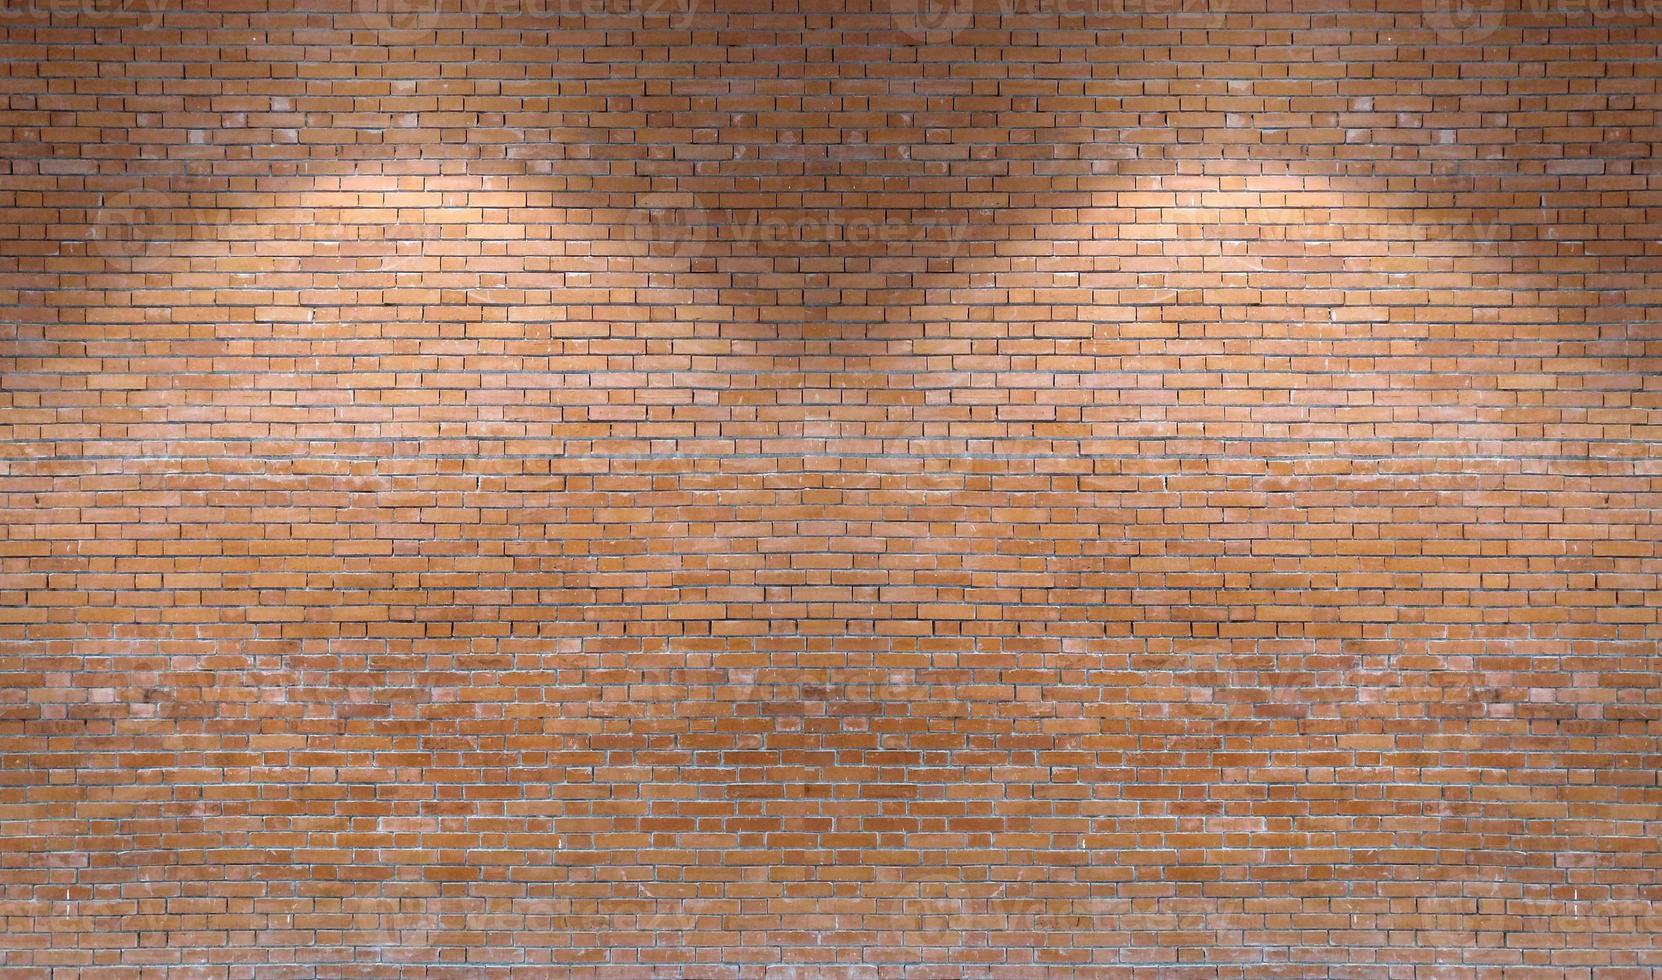 parede de tijolo marrom padrão de fundo com downlight foto